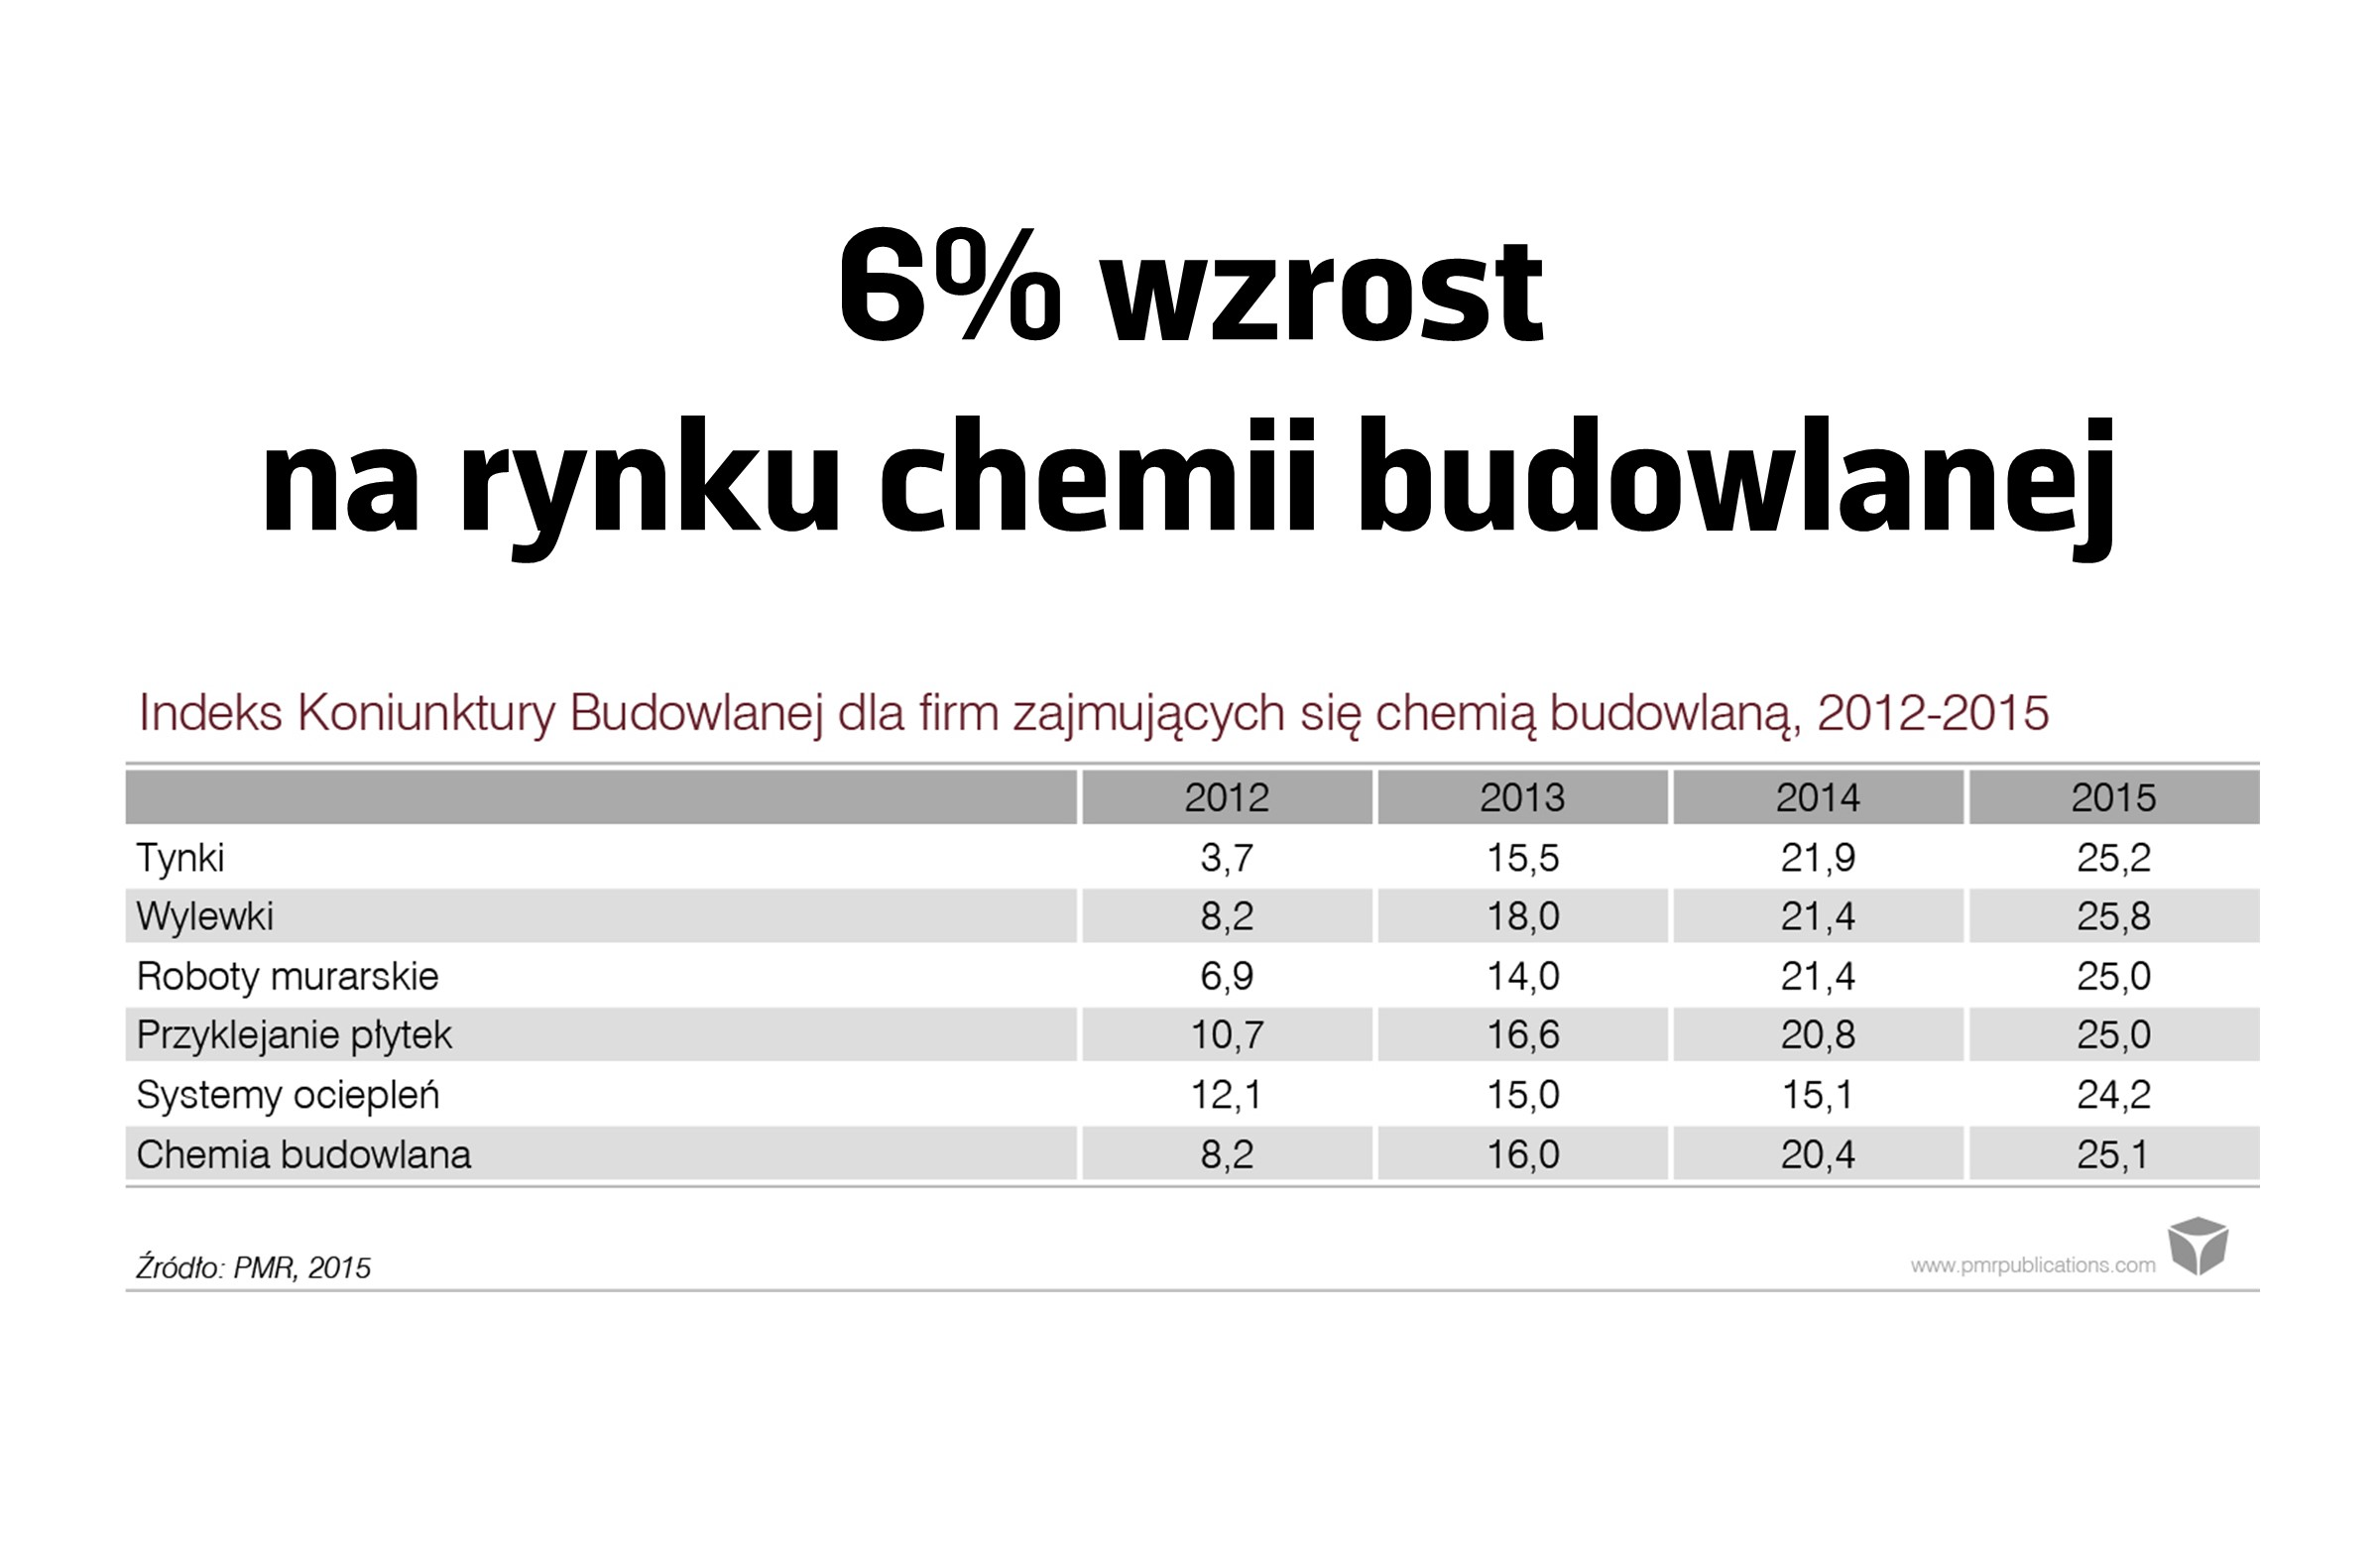 6% WZROST NA RYNKU CHEMI BUDOWLANEJ